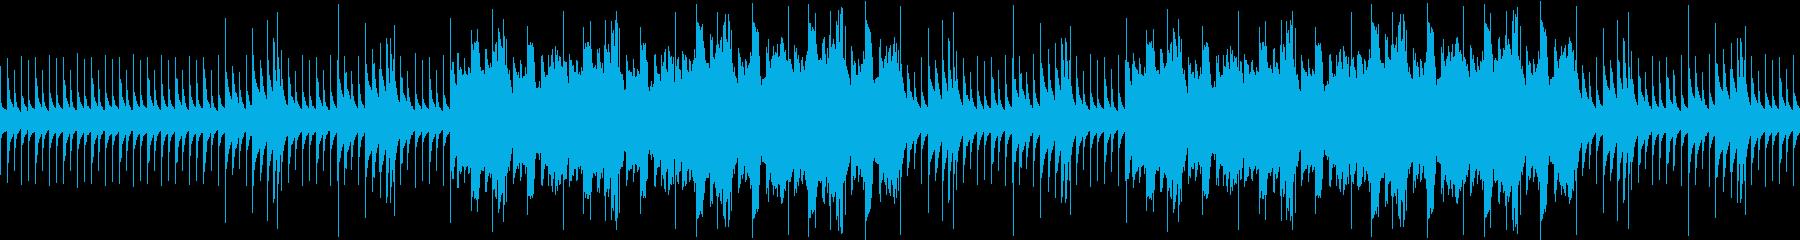 オルゴールのホラーbgm【ループ可】の再生済みの波形